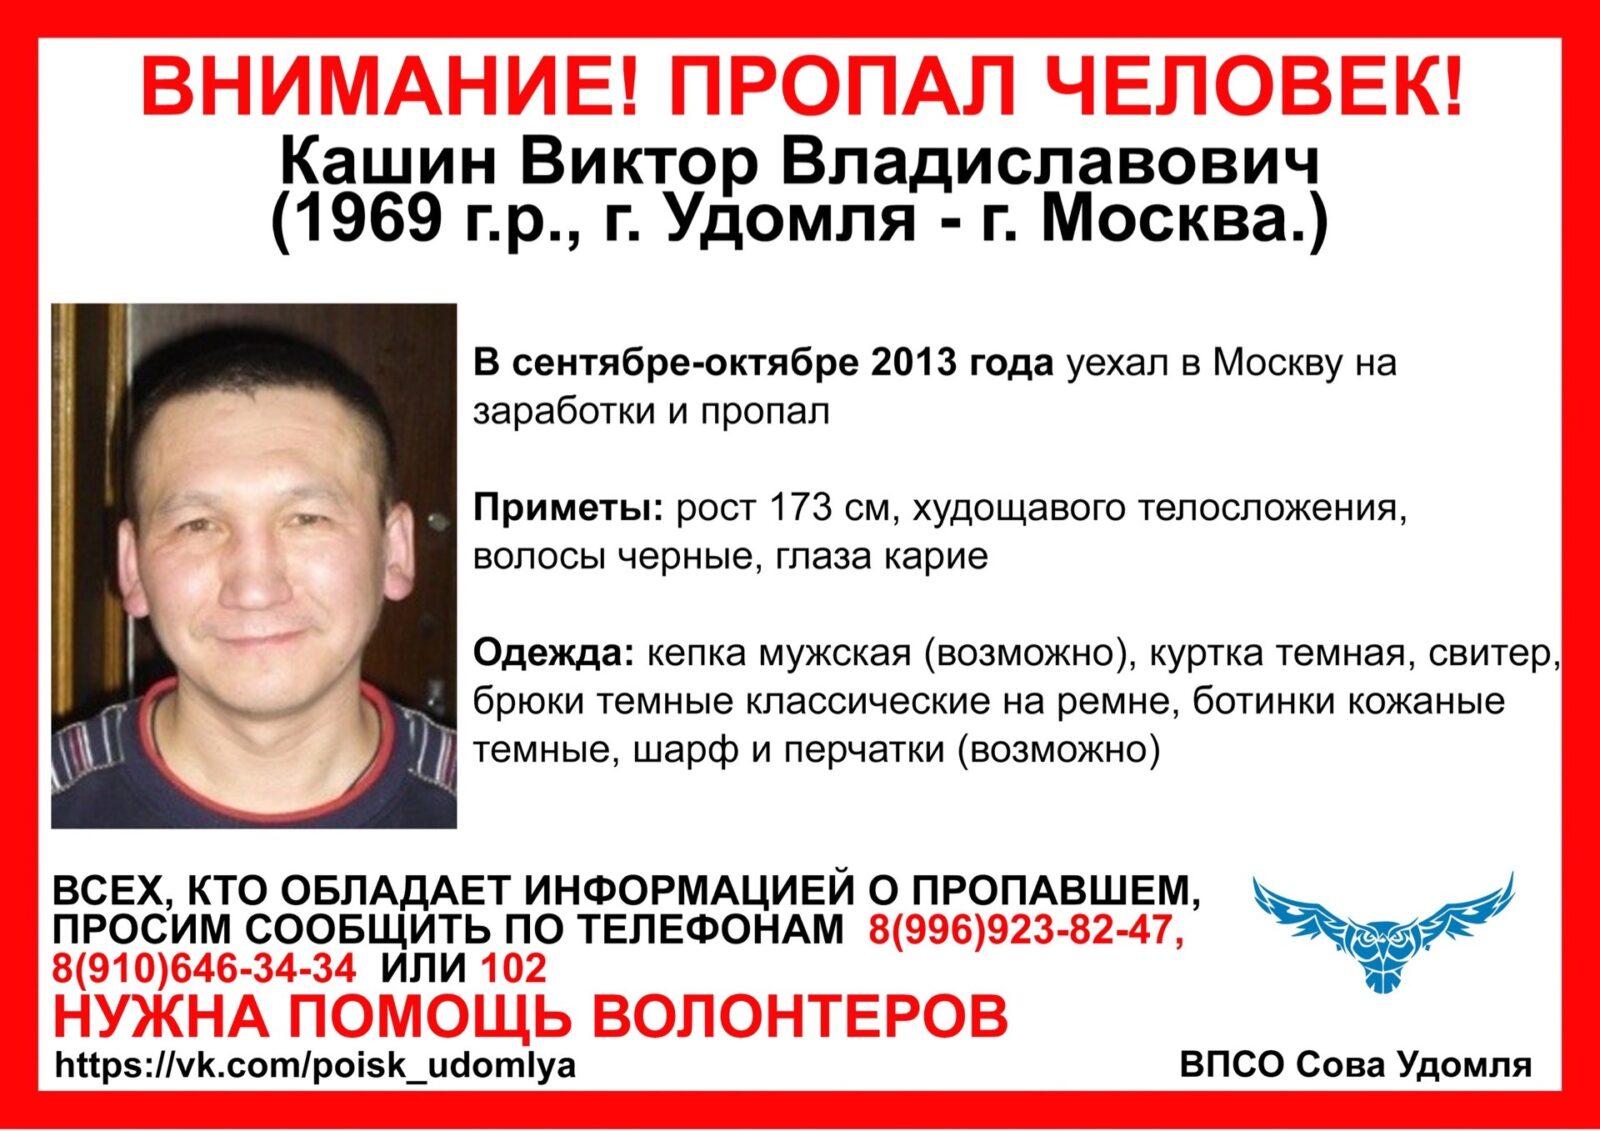 Житель Тверской области уехал на заработки в Москву и пропал